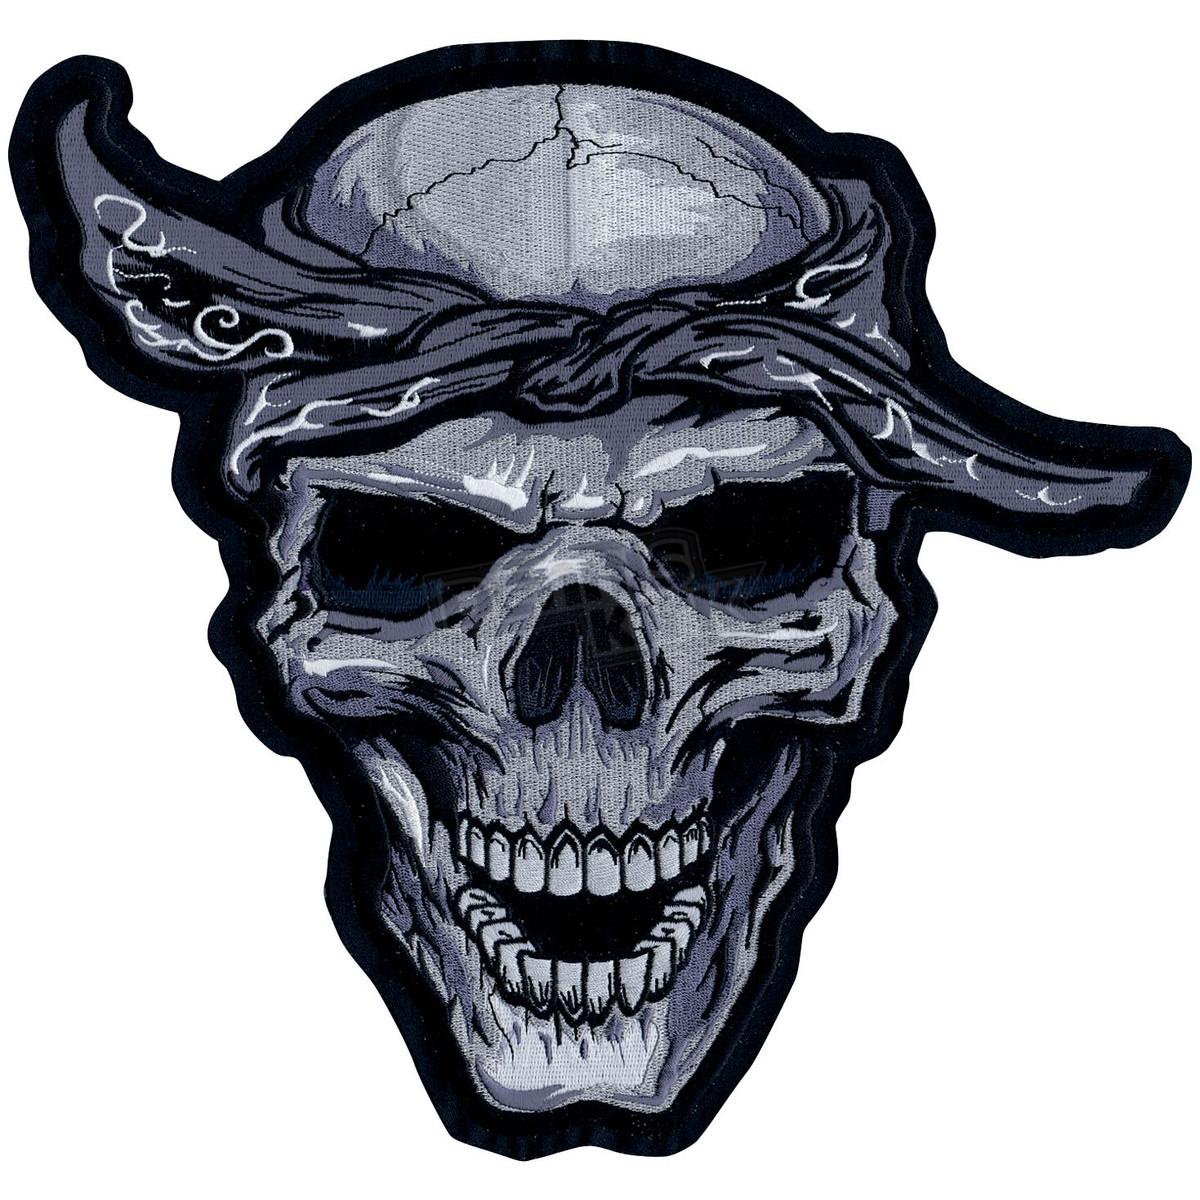 Skull Bandana Drawing At Getdrawings Com Free For